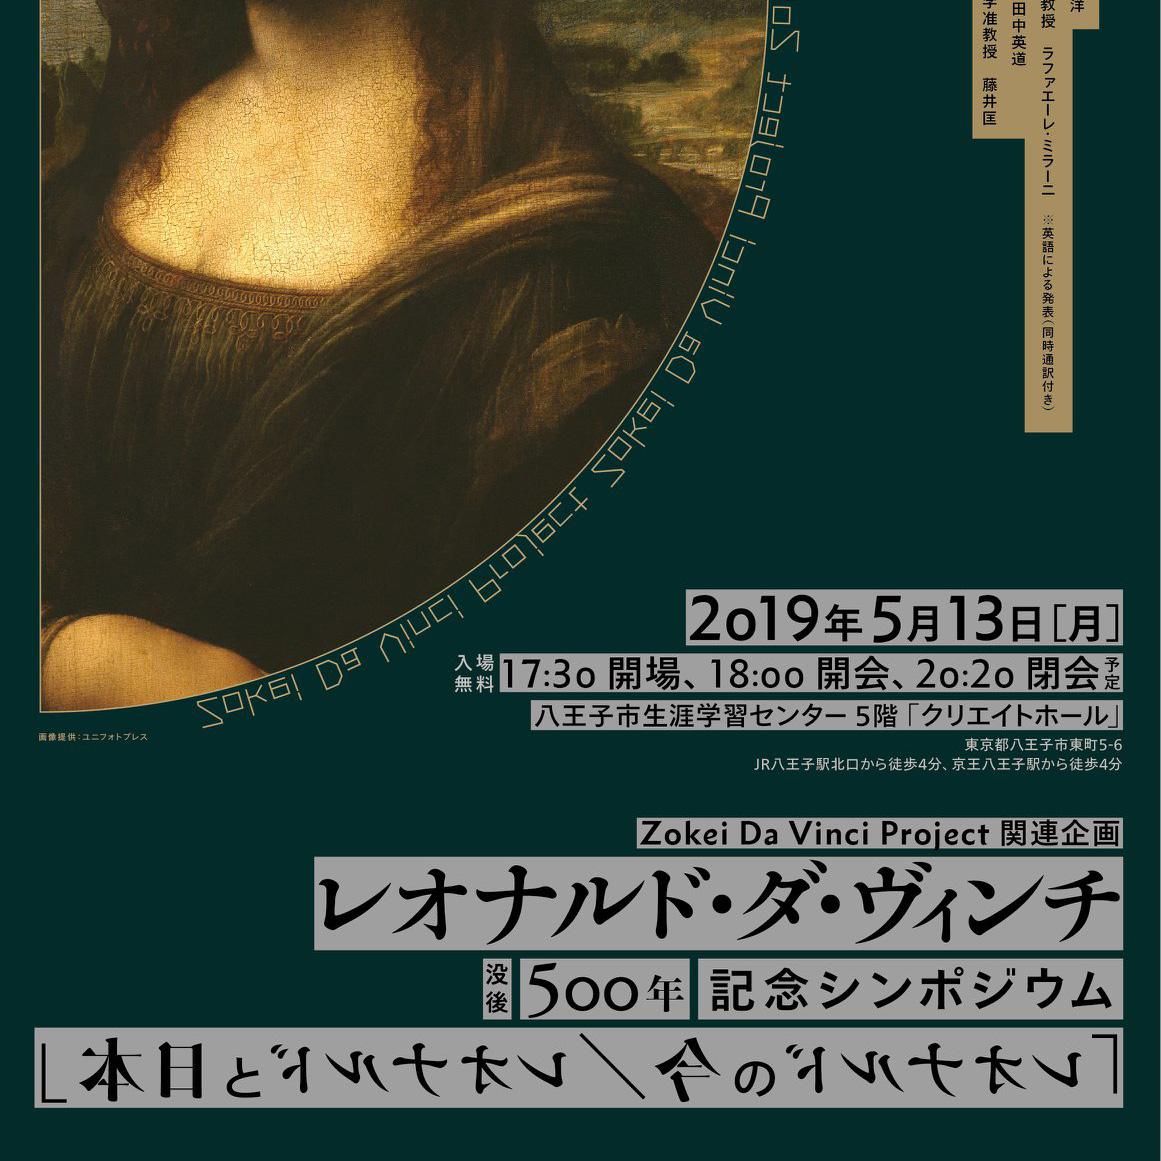 レオナルド・ダ・ヴィンチ没後500 年 記念シンポジウム 「レオナルドの今/レオナルドと日本」ビジュアル